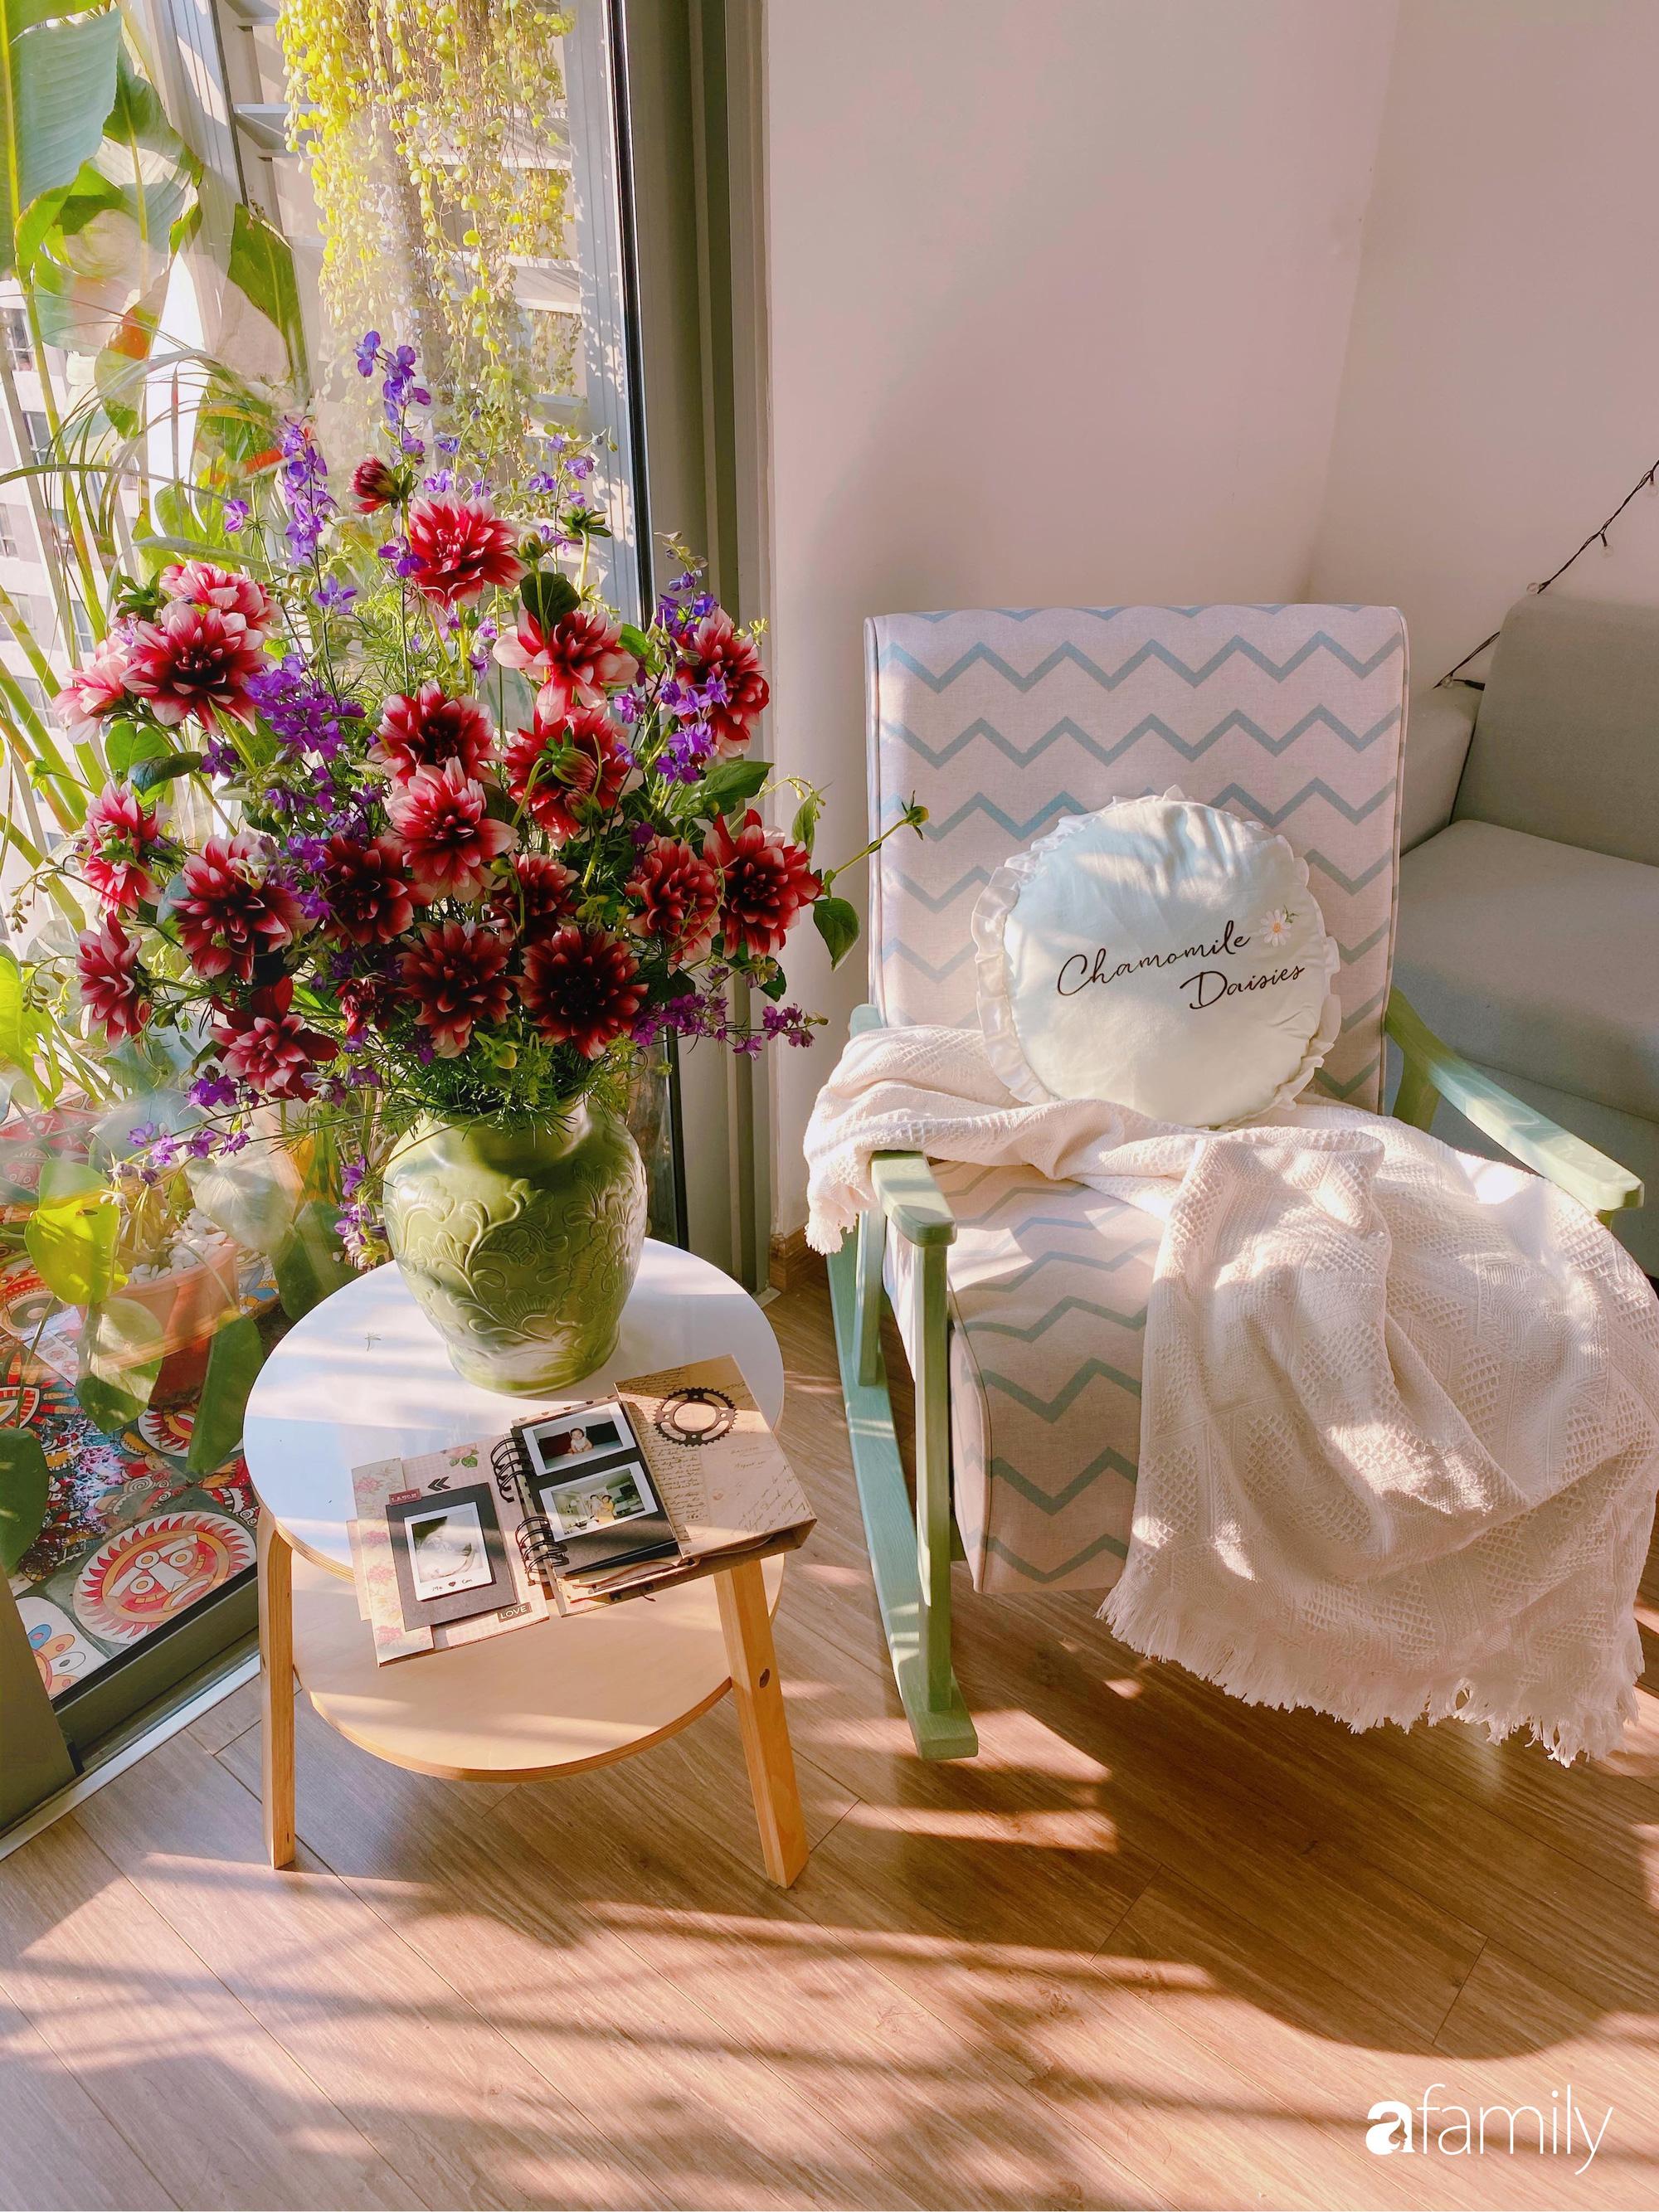 Căn hộ được trang trí tỉ mỉ, khéo léo giúp góc nào cũng đẹp ấm cúng và bình yên ở Hà Nội - Ảnh 7.